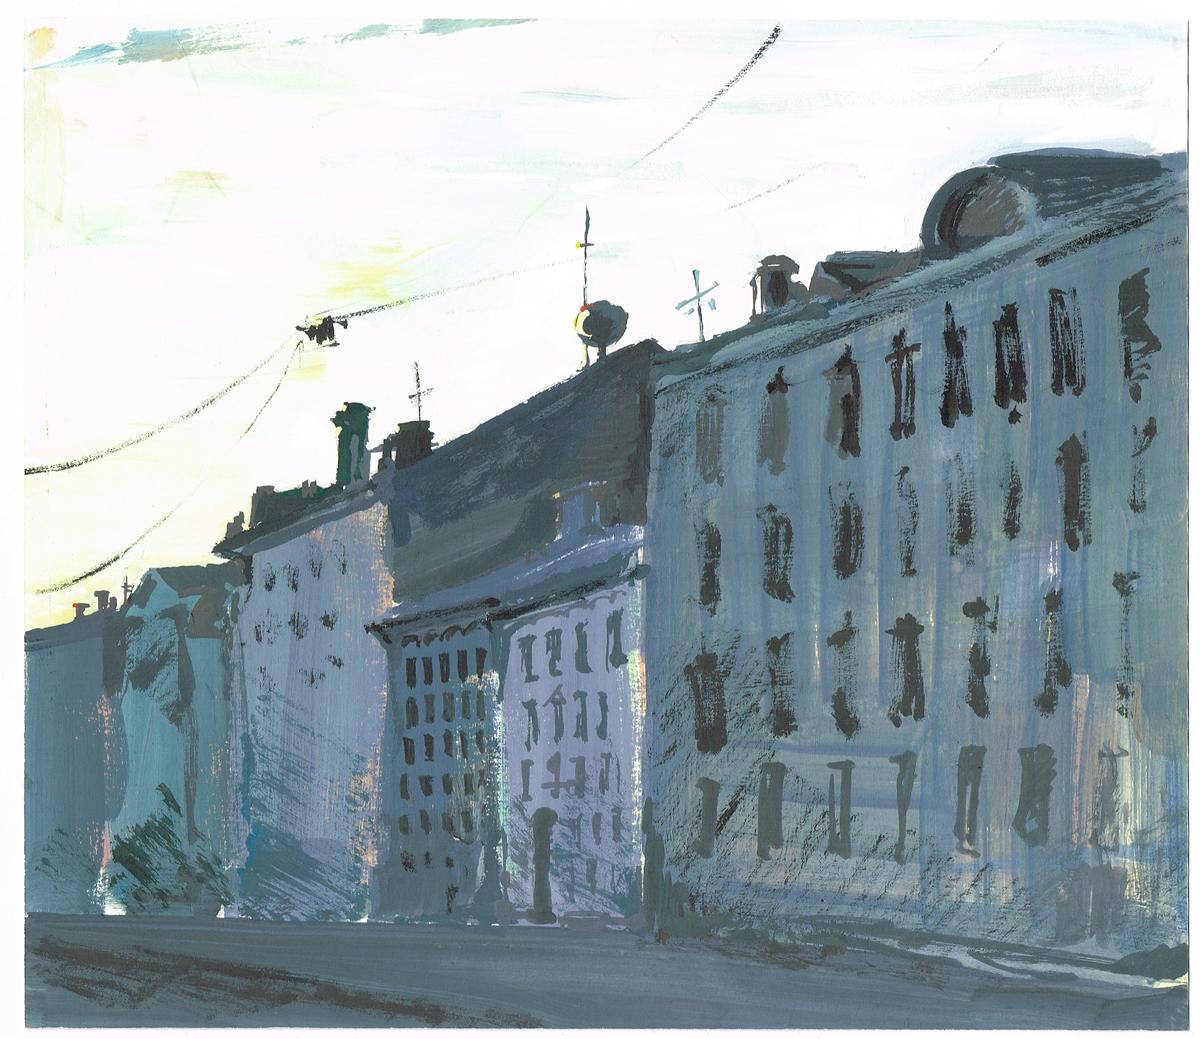 Петербург. После дождя. Миллионная улица. Рисунок. Гуашь, карандаш. Россия, 2000-гг